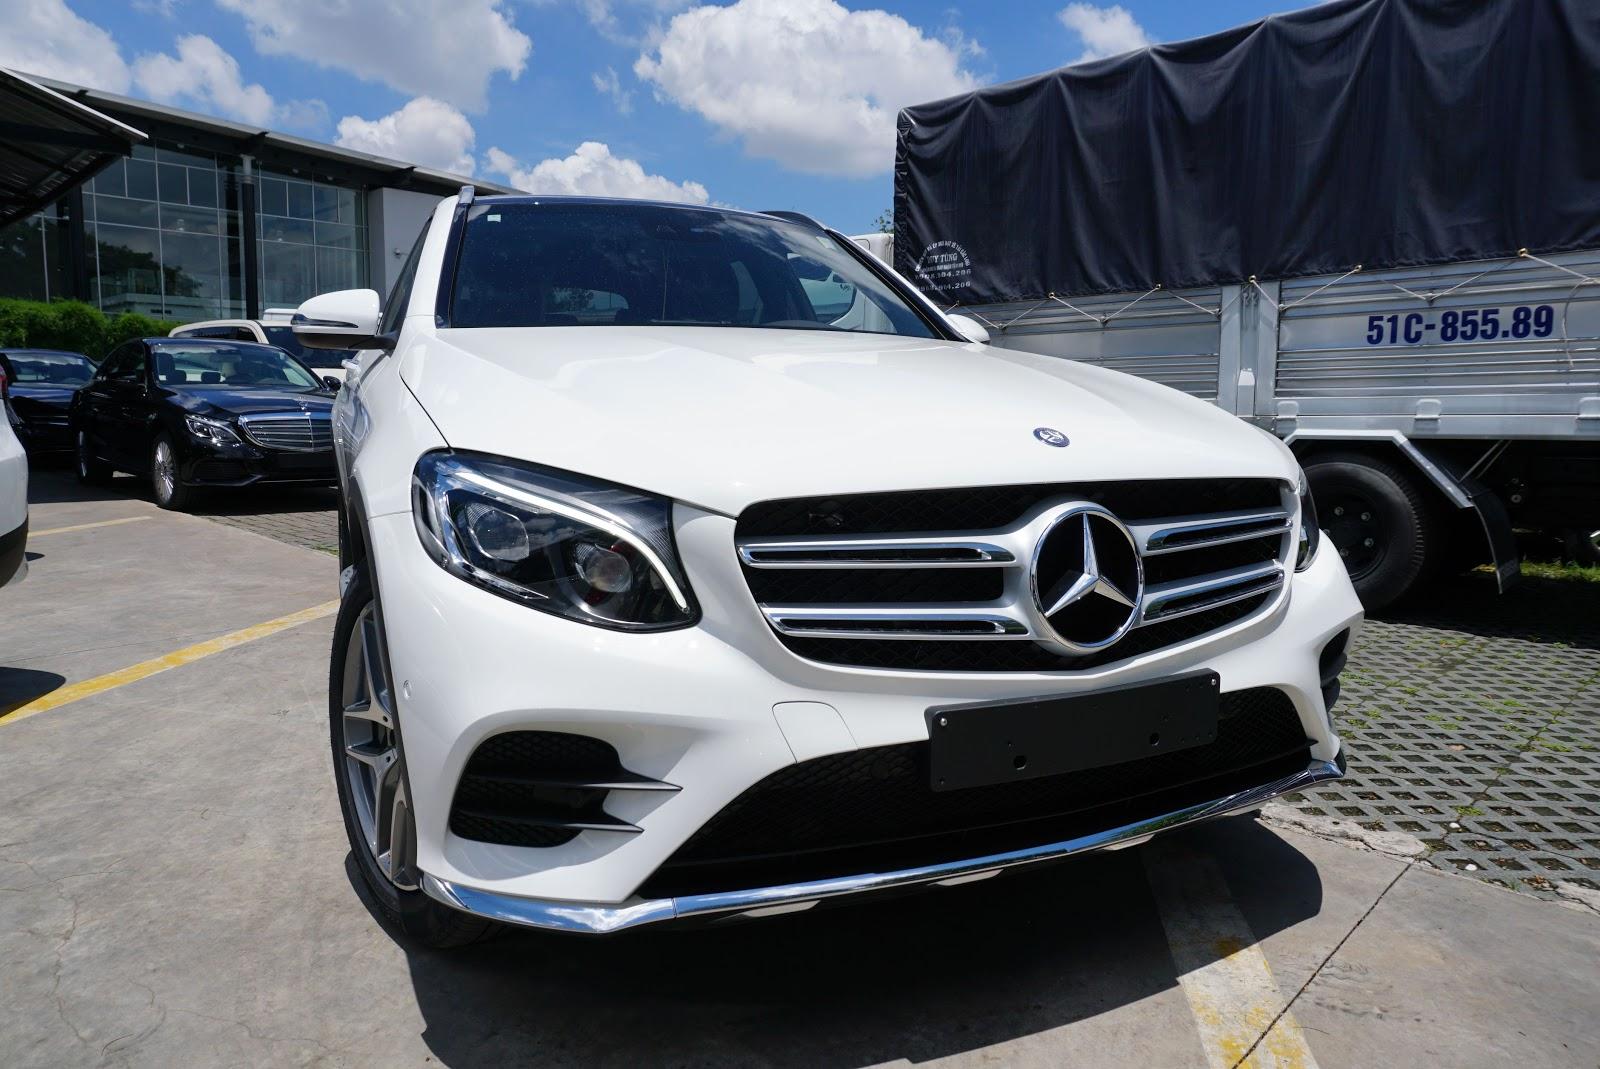 Mercedes Benz GLC đang là hàng HOT nhất của Mẹc trên thị trường hiện nay